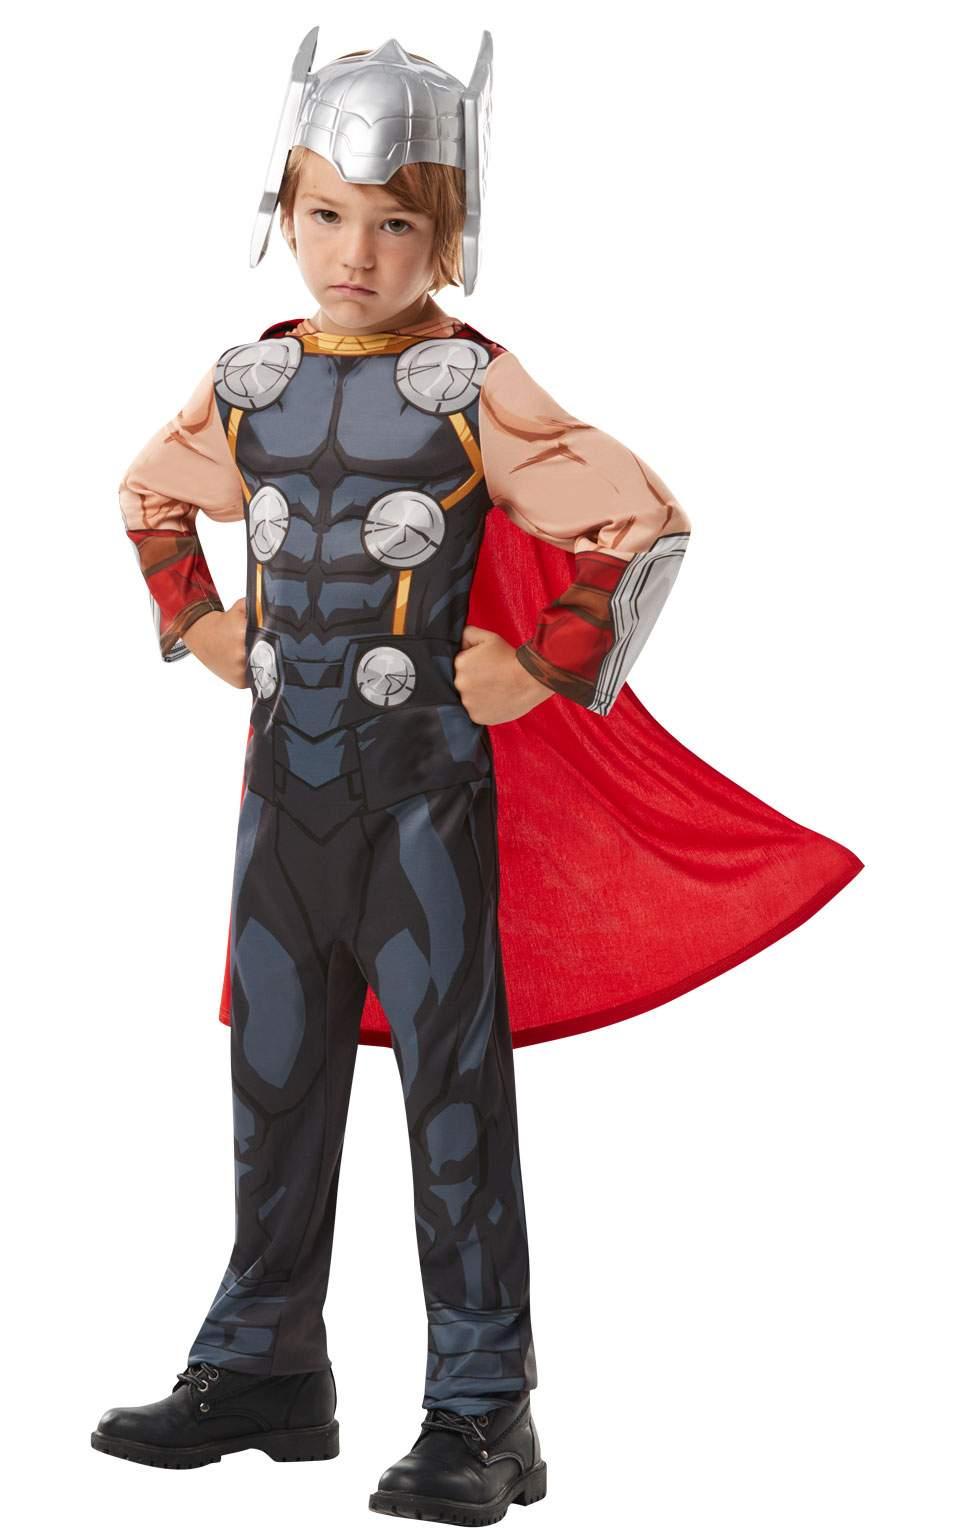 2962d6ea1 Rubies Detský kostým Thor Veľkosť - deti: S - Výška 95-105 cm - Gifts